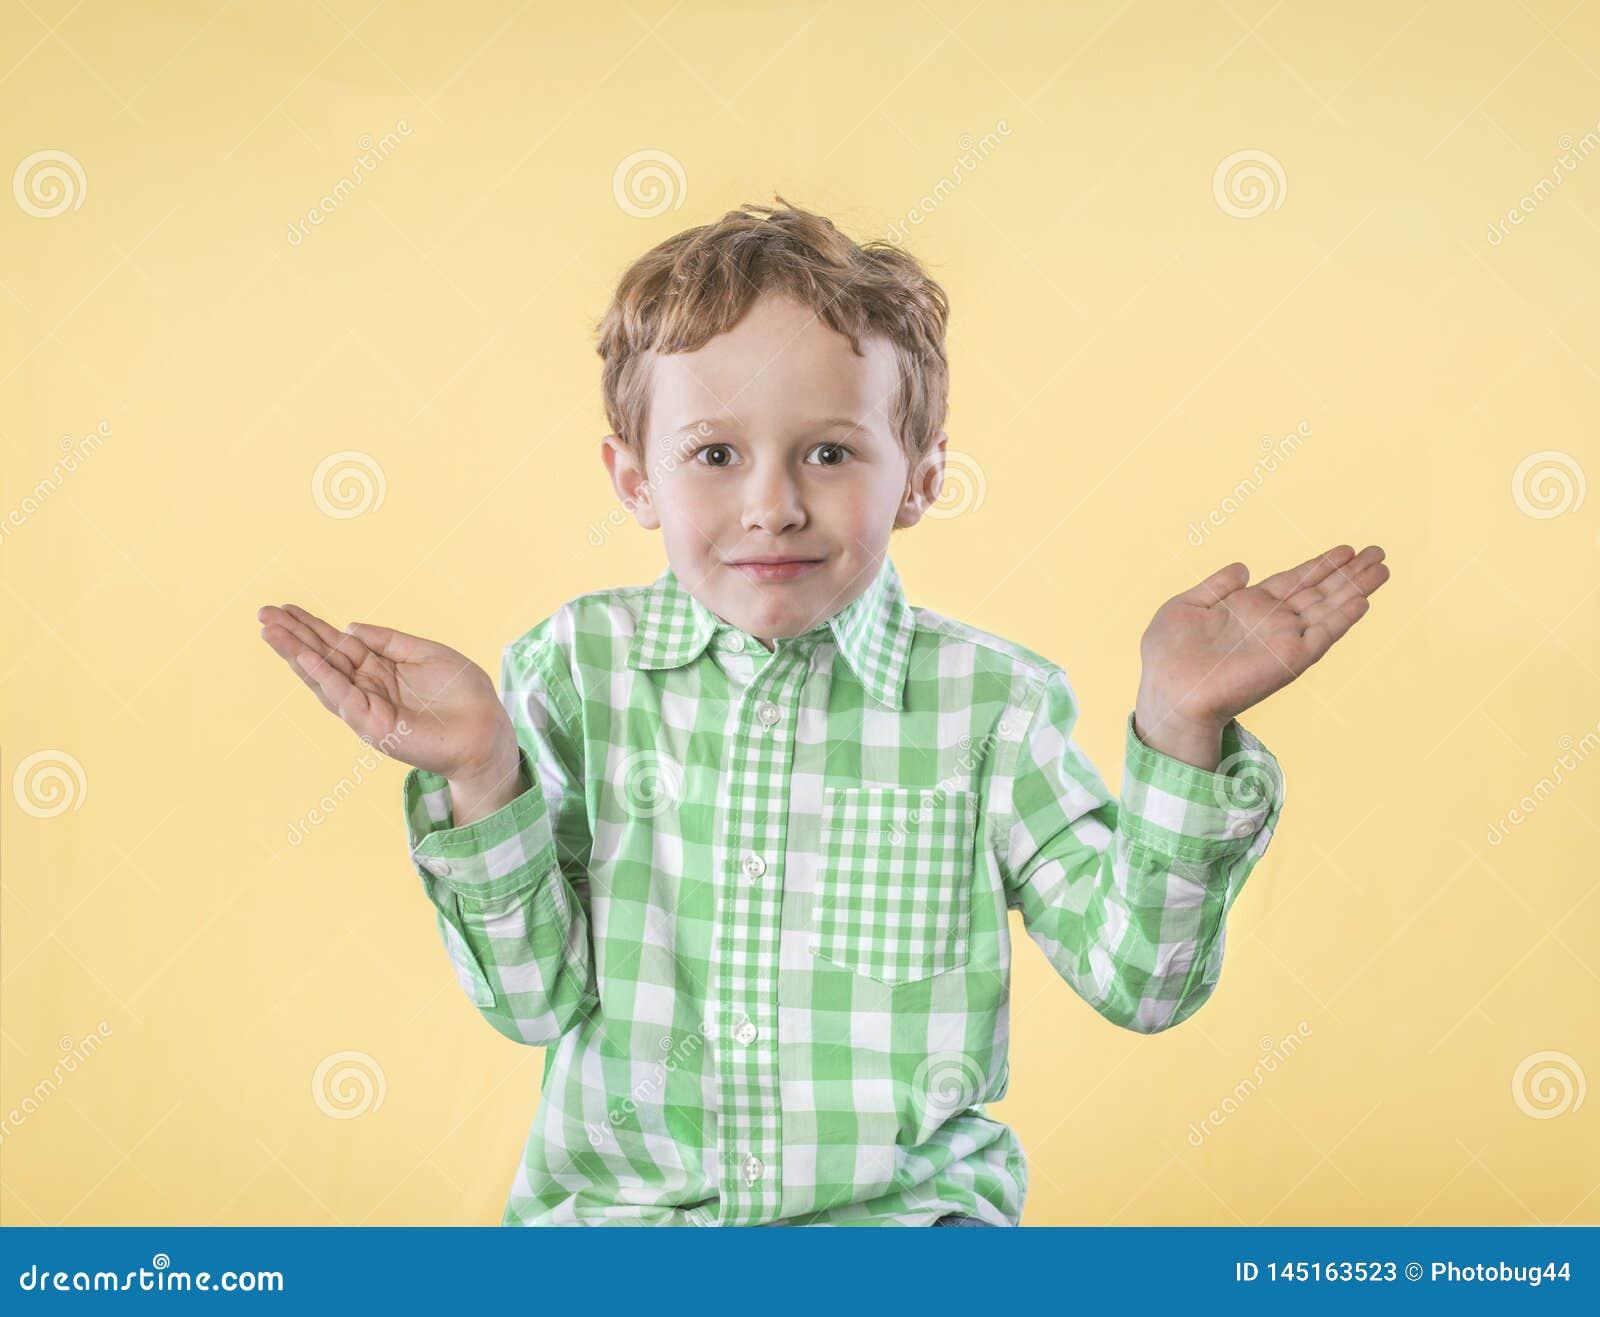 Rapaz pequeno com as mãos levantadas na pergunta